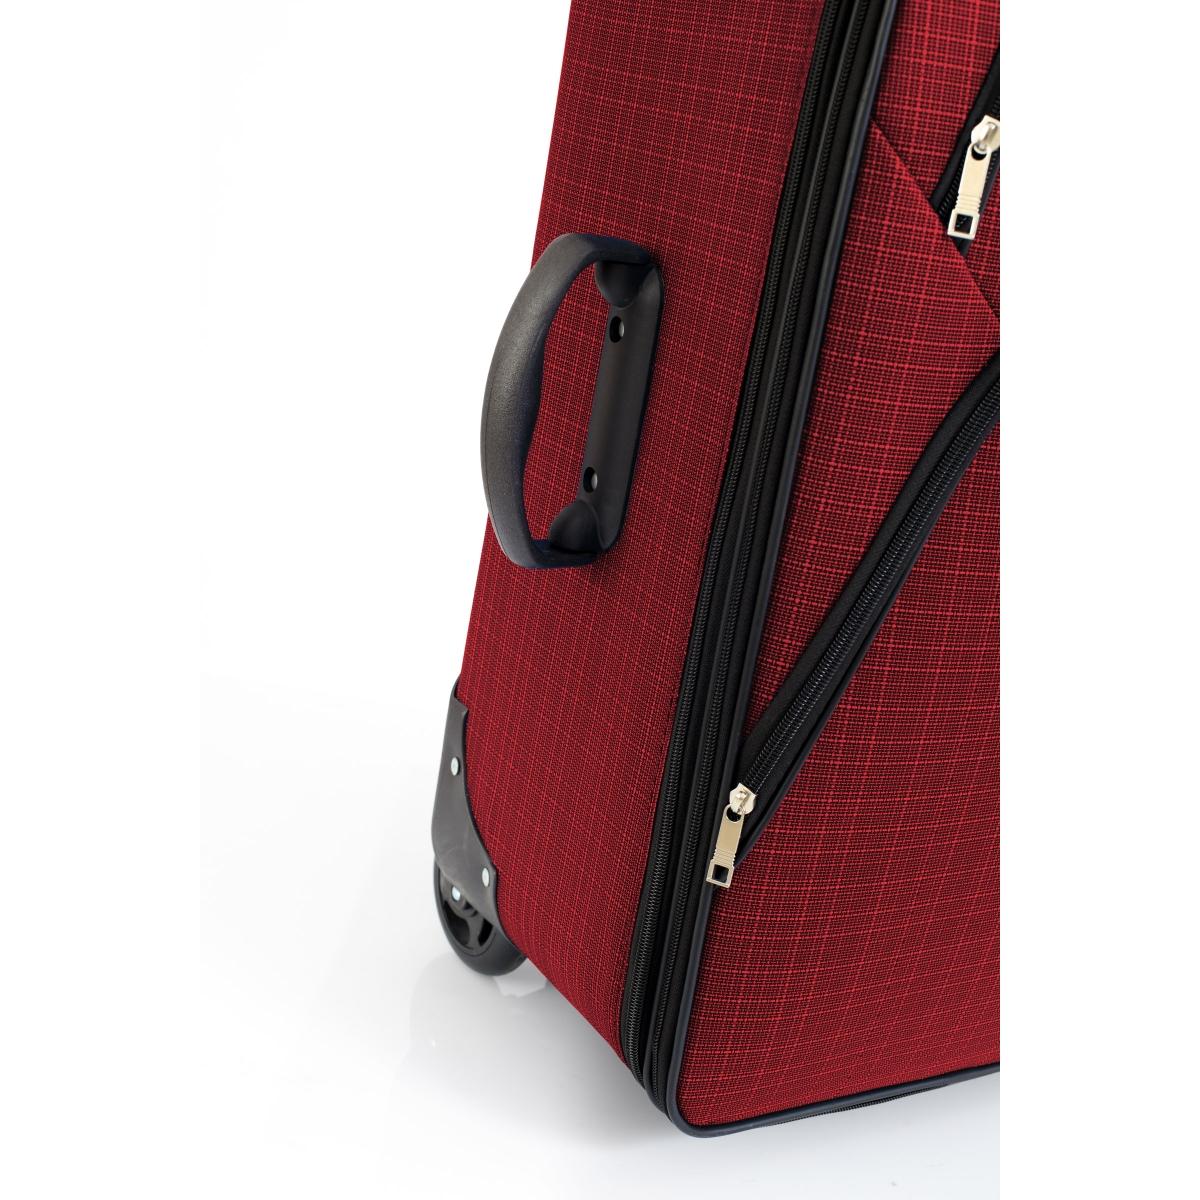 Gedox 2 Teker Geniş Kasa Havlu Kumaş 3'lü Valiz Seyahat Seti - Model: 1005.13 Bordo